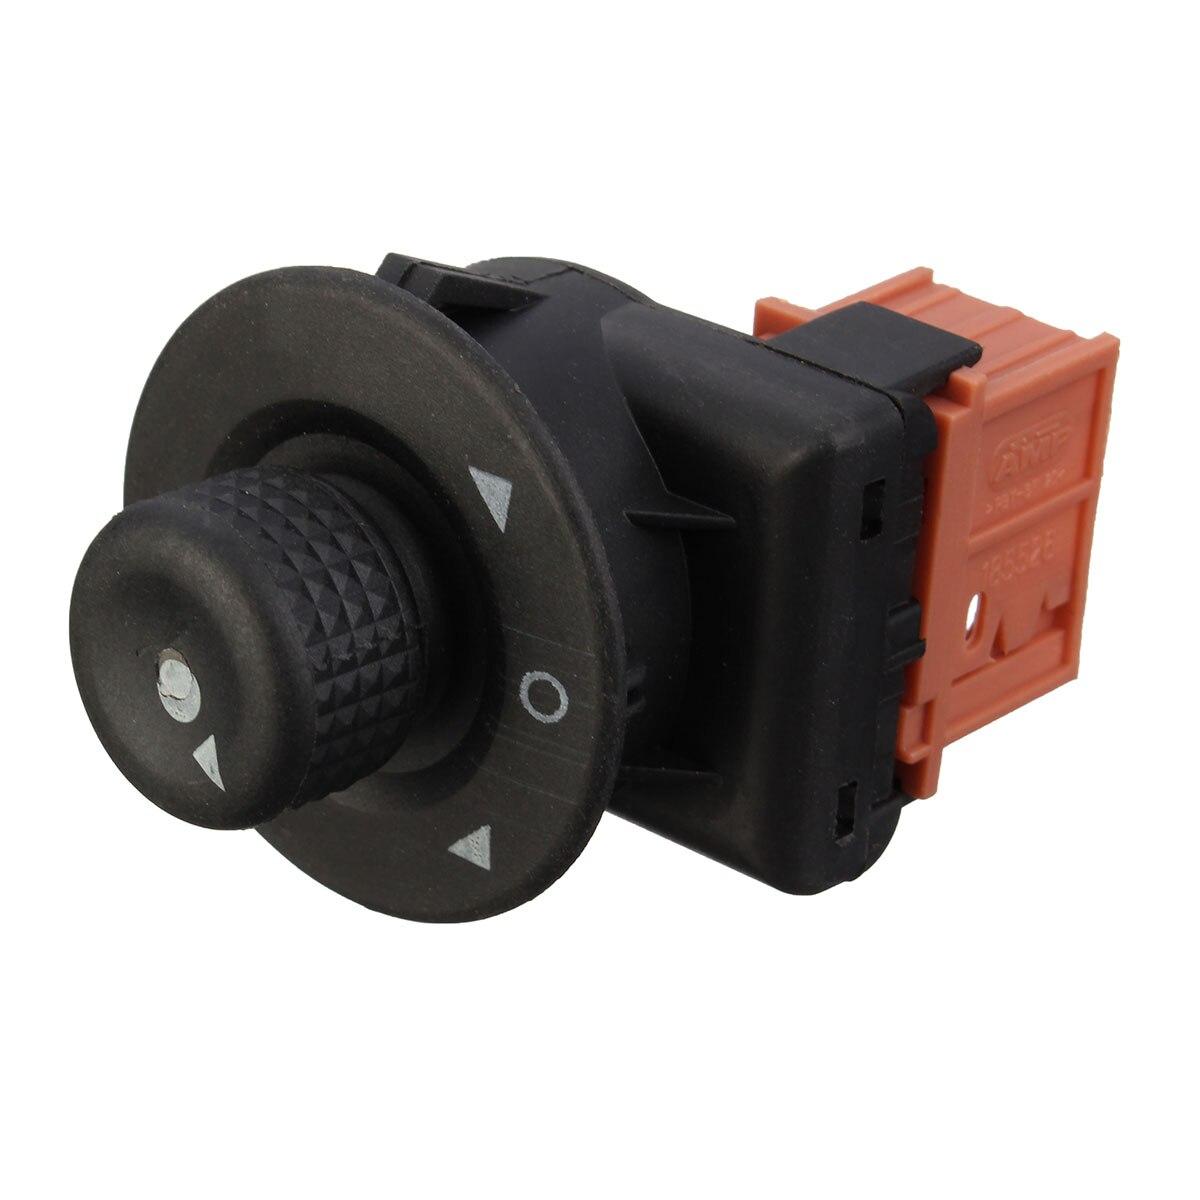 Автомобильное складное электрическое боковое зеркало заднего вида, переключатель, кнопка регулирования для Citroen/XSARA PICASSO/Elysee 185526